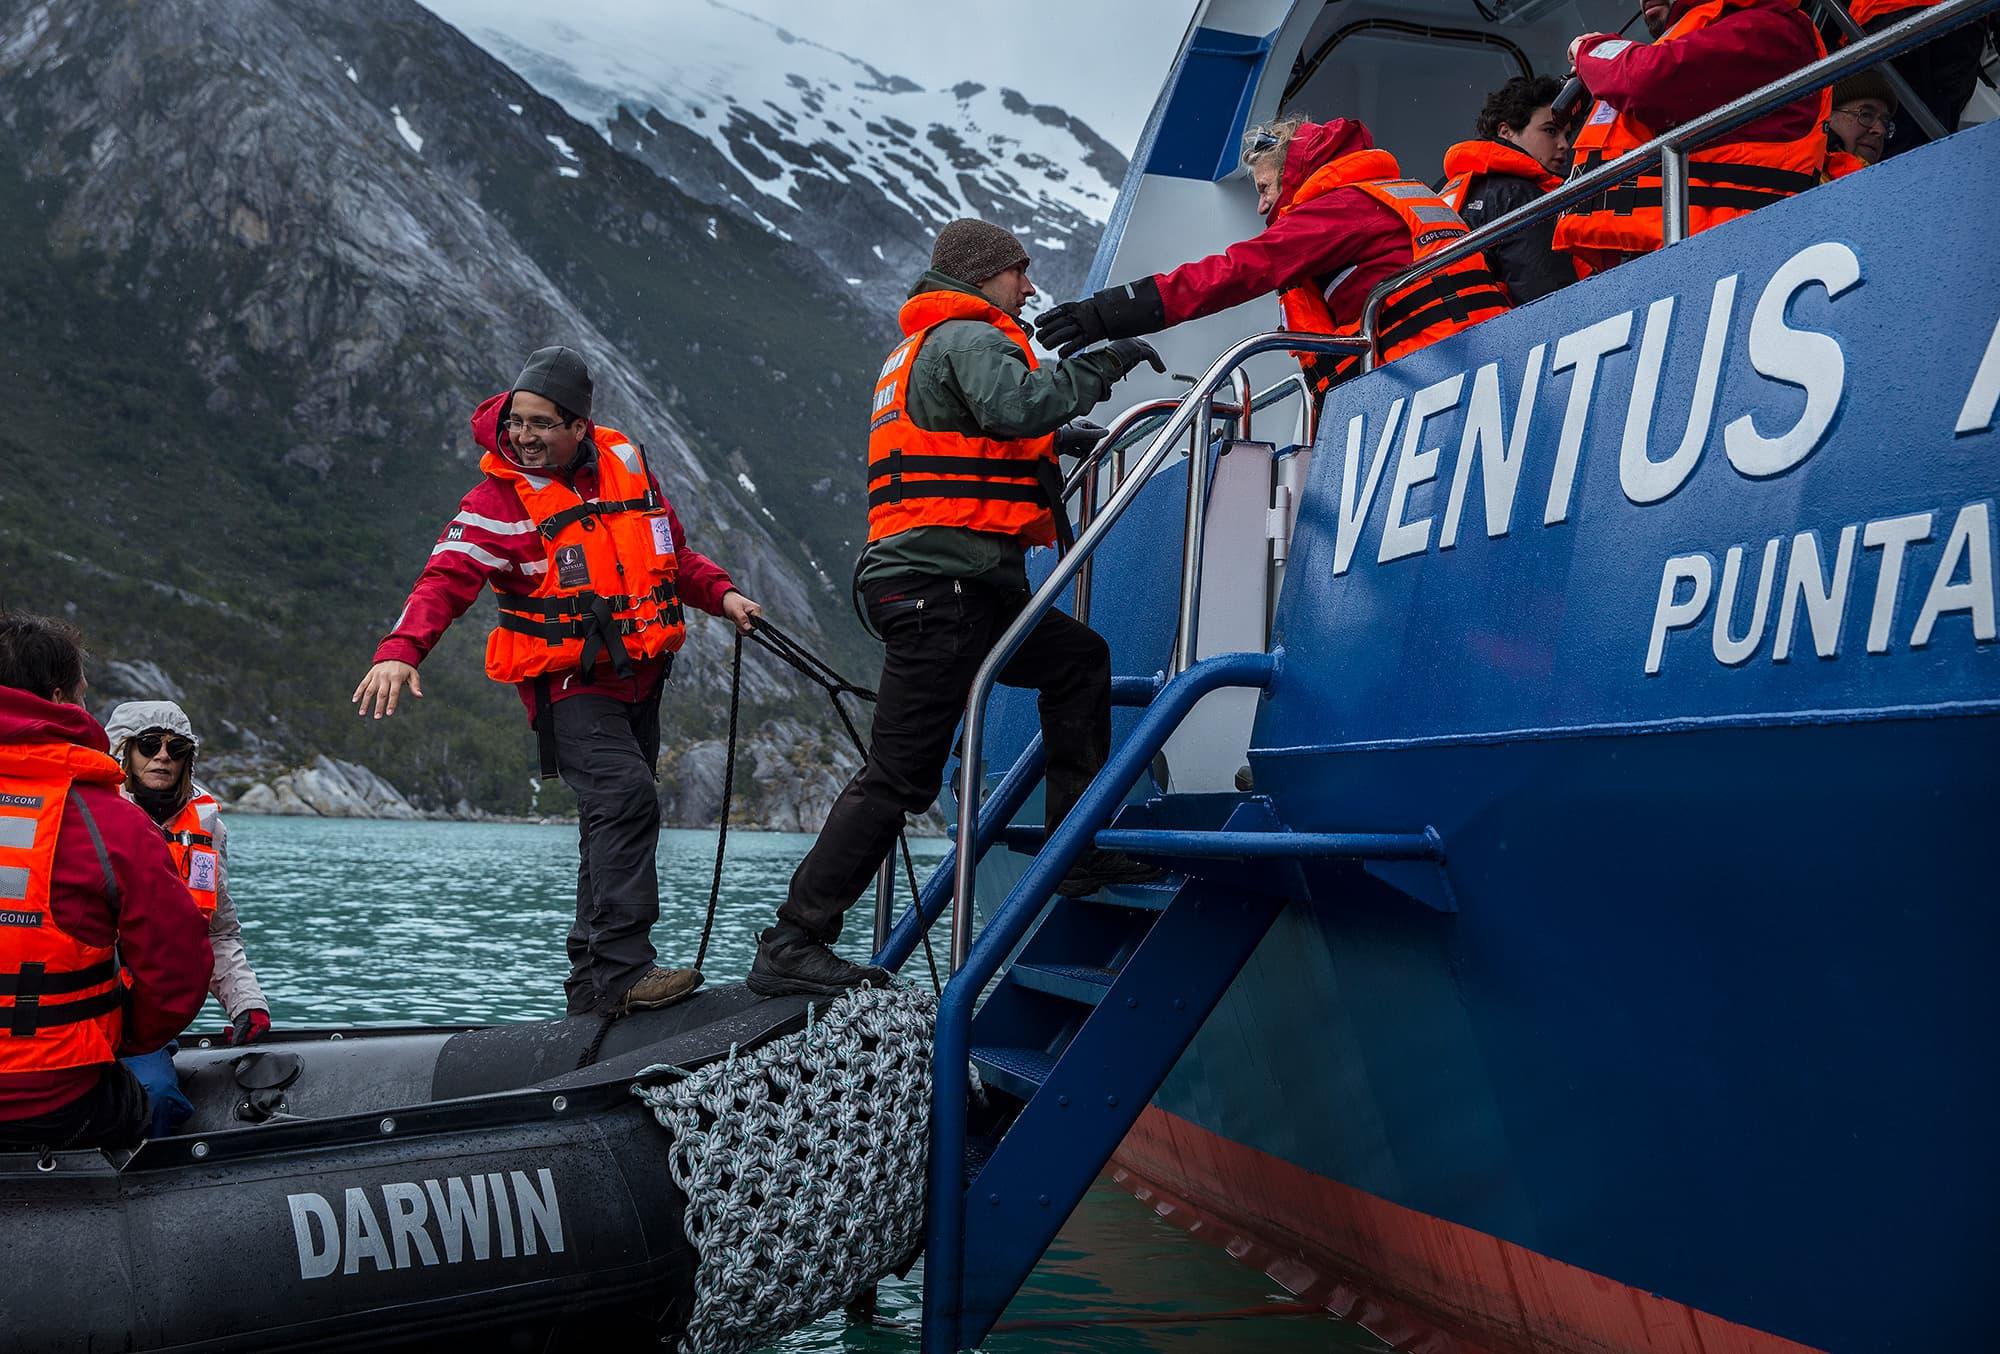 Crucero: Exploradores de la Patagonia - Ushuaia - Punta Arenas - Argentina- imagen #1